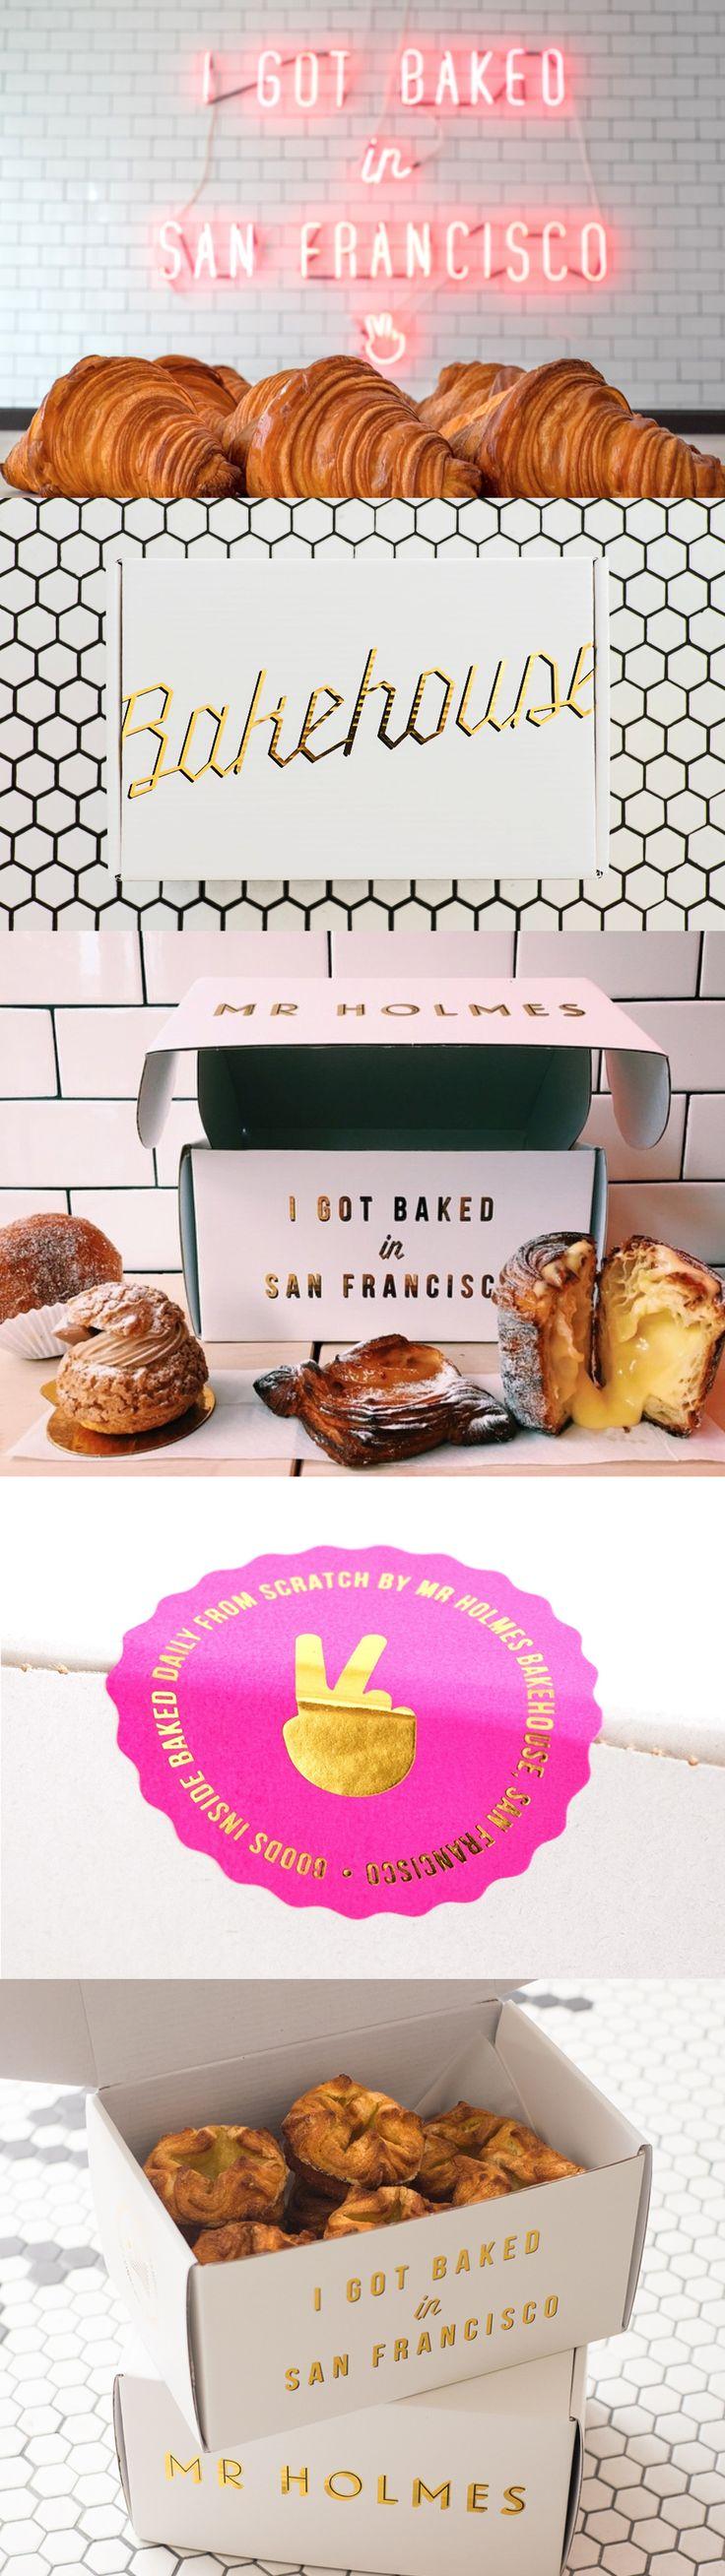 Mr Holmes Bakehouse branding